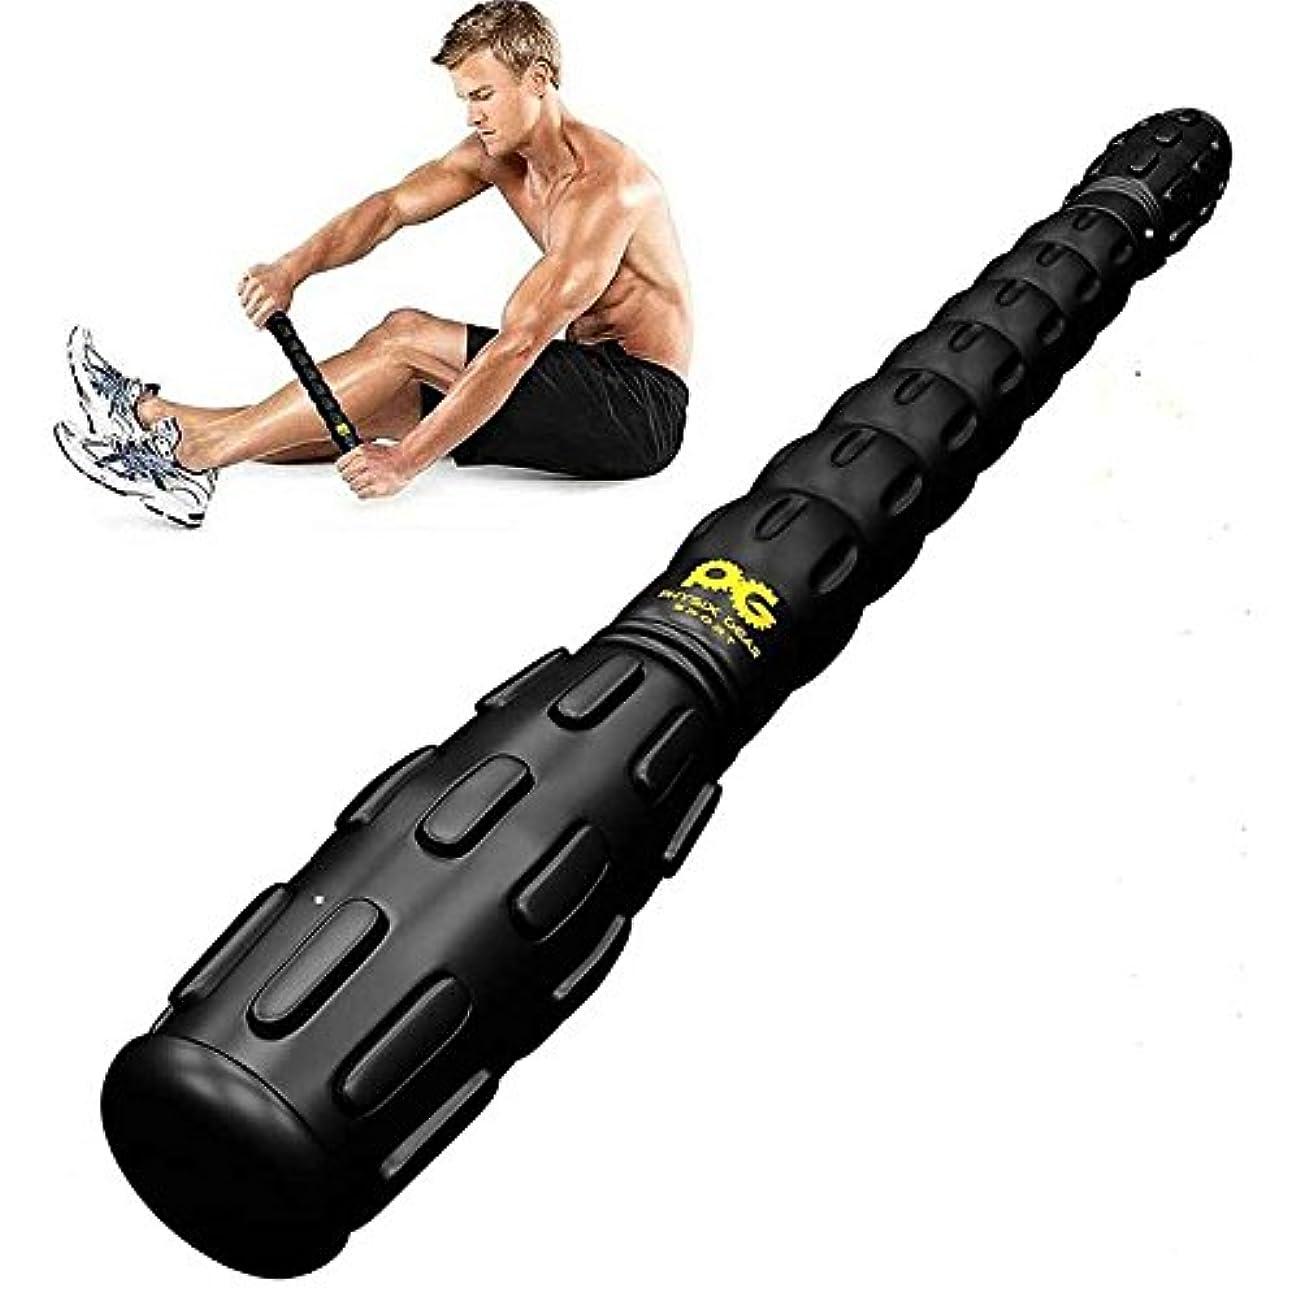 合成甘い採用するLiebeye ポータブル 筋肉マッサージスティック マニュアルローラー マッサージャー痛みの筋肉を解放する 脚の回復 ブラック